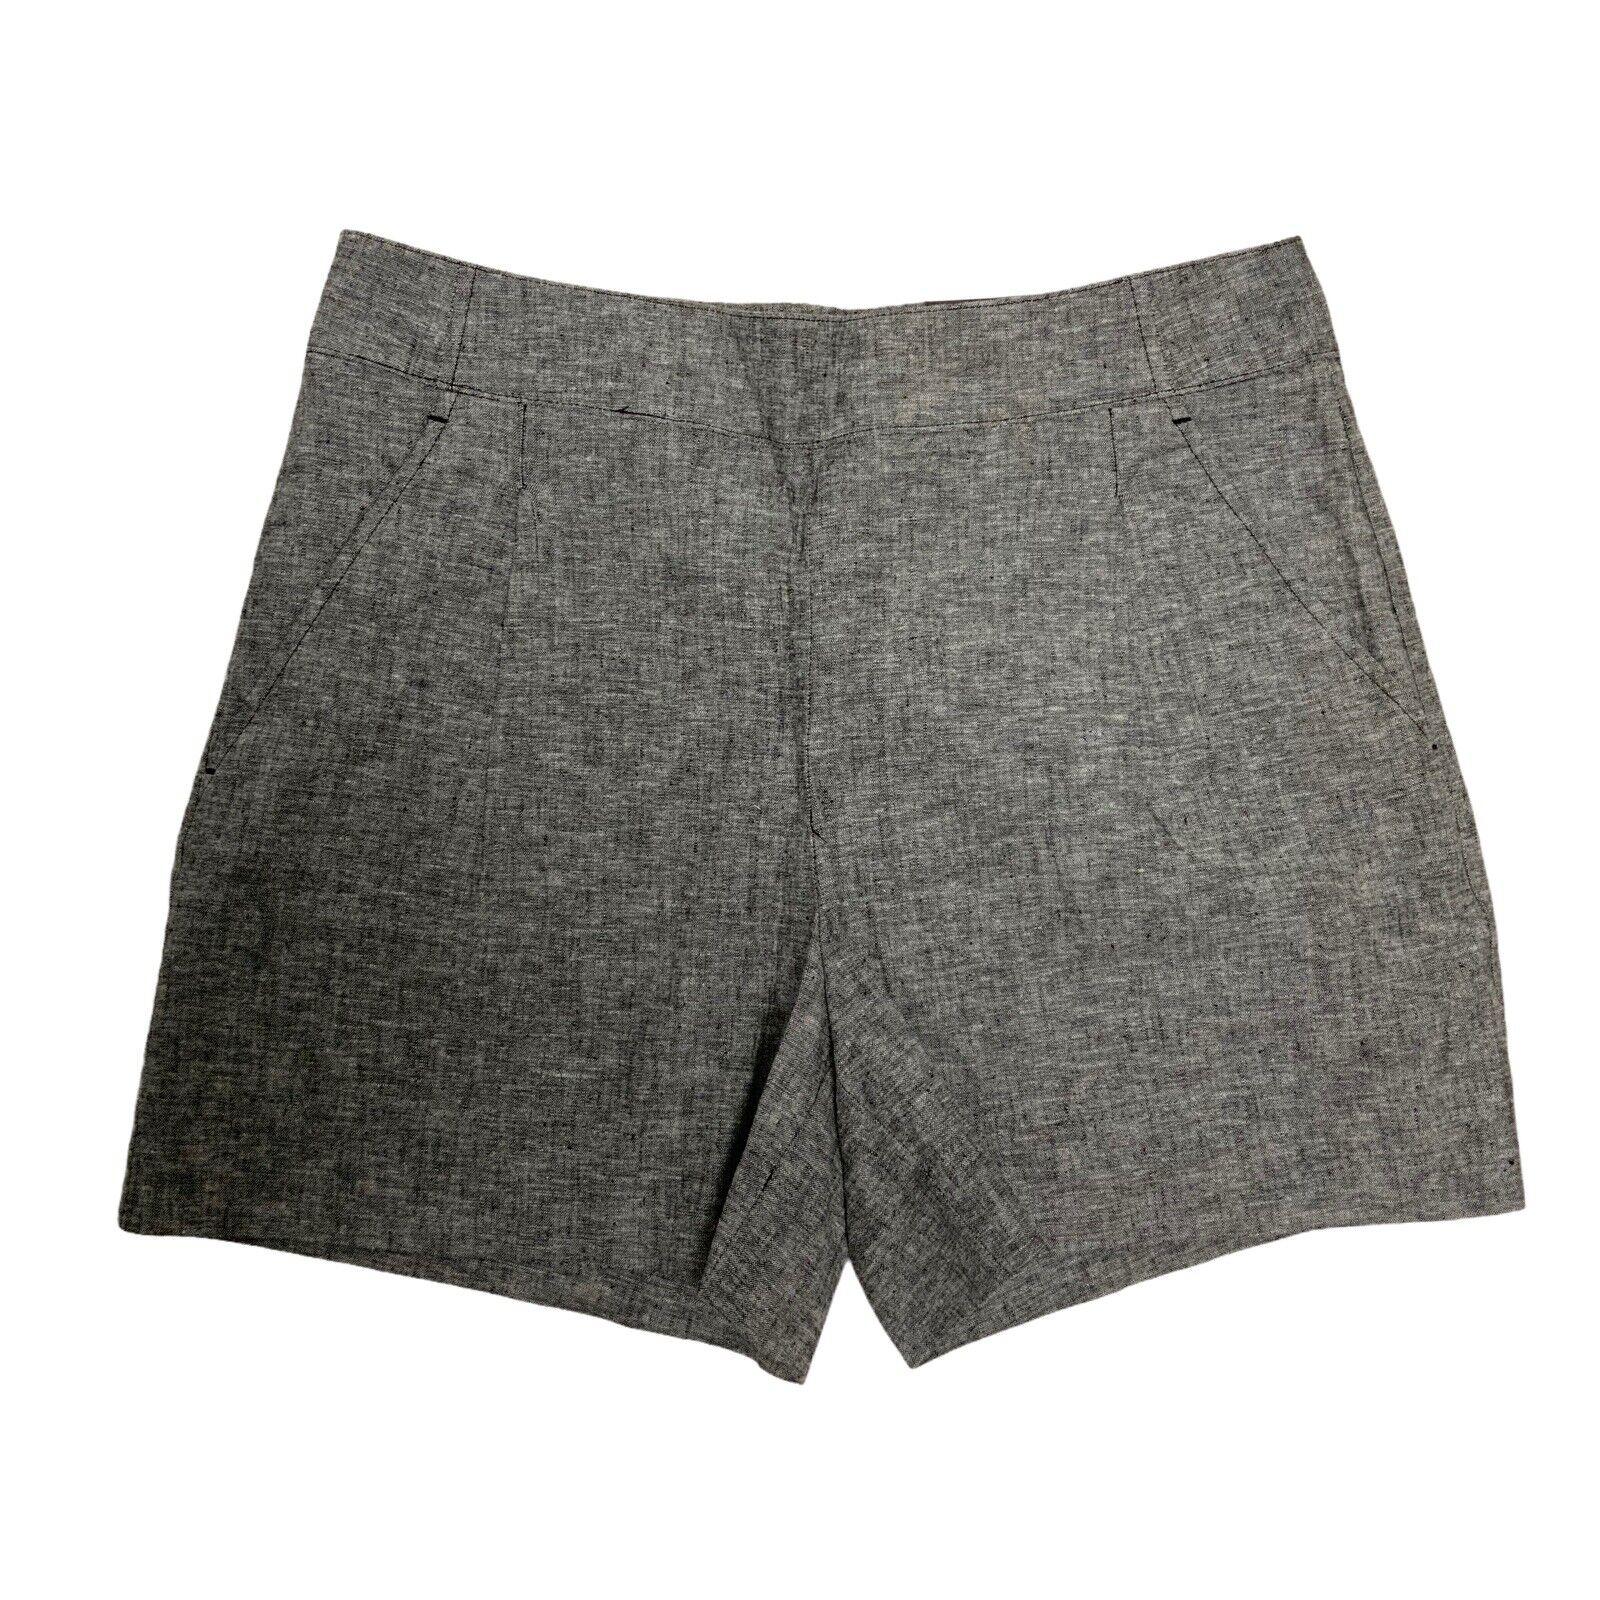 Apt 9 Damen Shorts Mid-Rise Gerade Leinen Grau Hineinschlüpfen Größe M